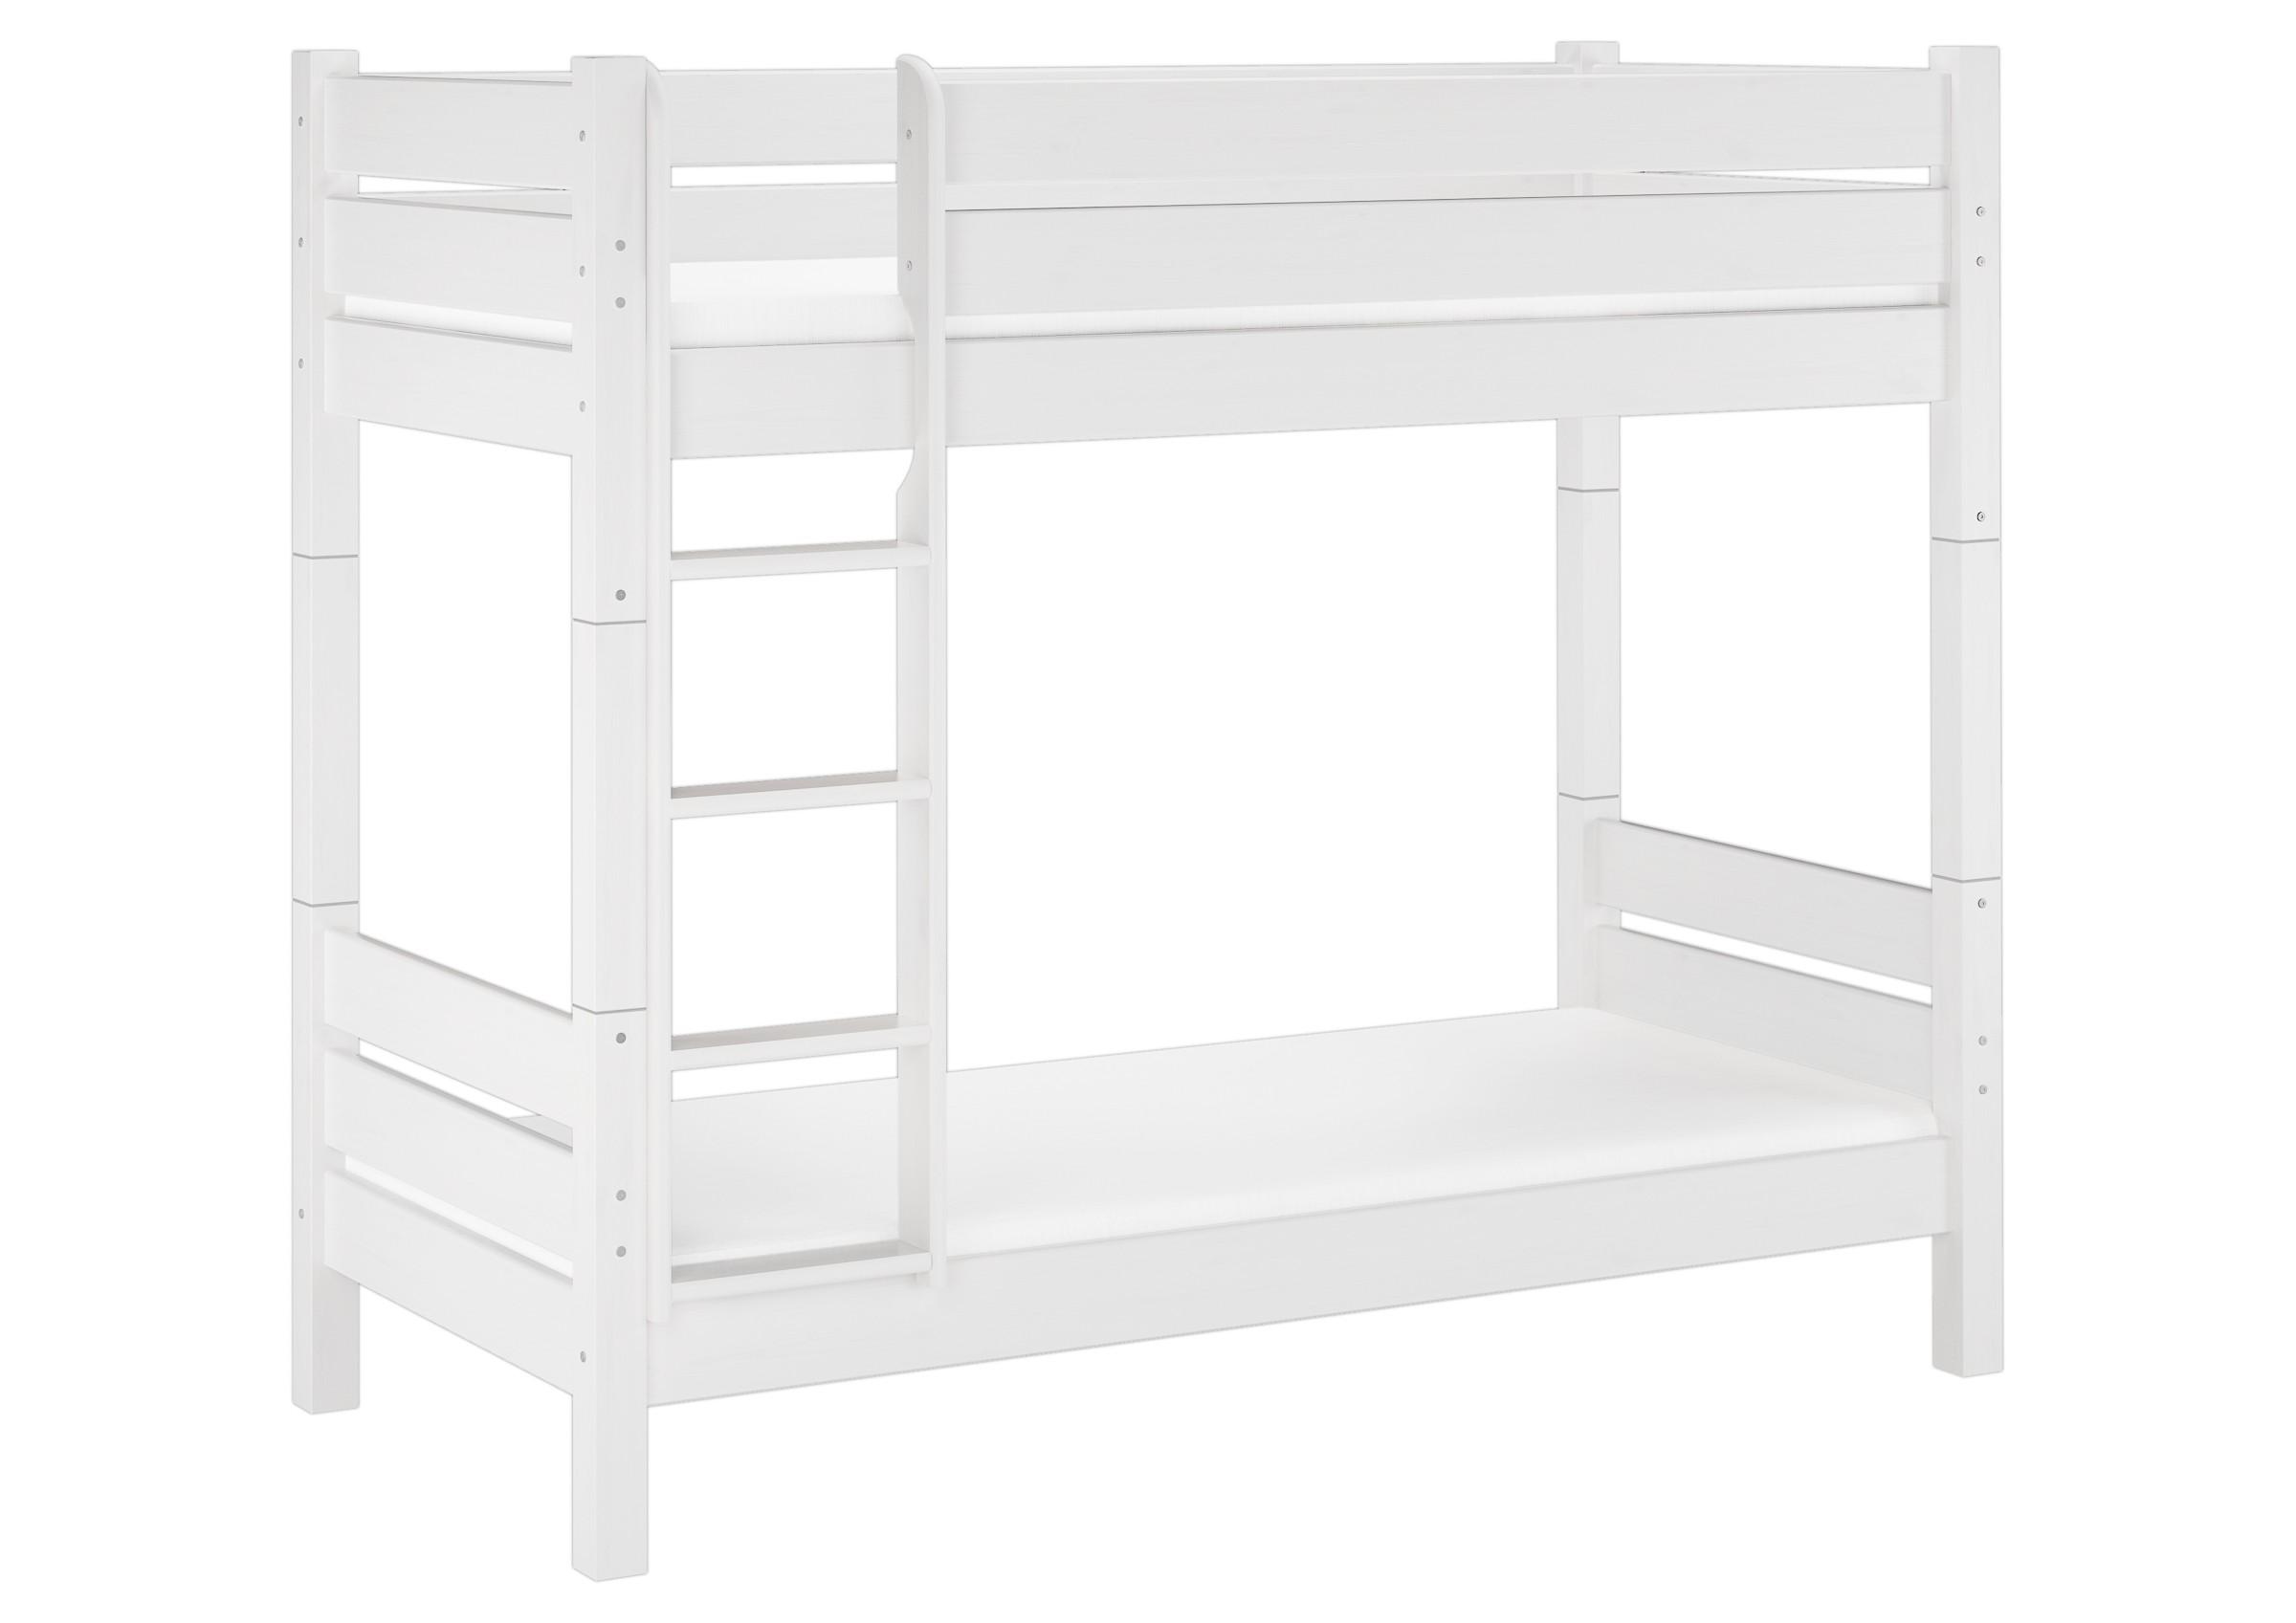 hochbett etagenbett wei 90x200 teilbar 2 rollroste matratzen w t100 m ebay. Black Bedroom Furniture Sets. Home Design Ideas